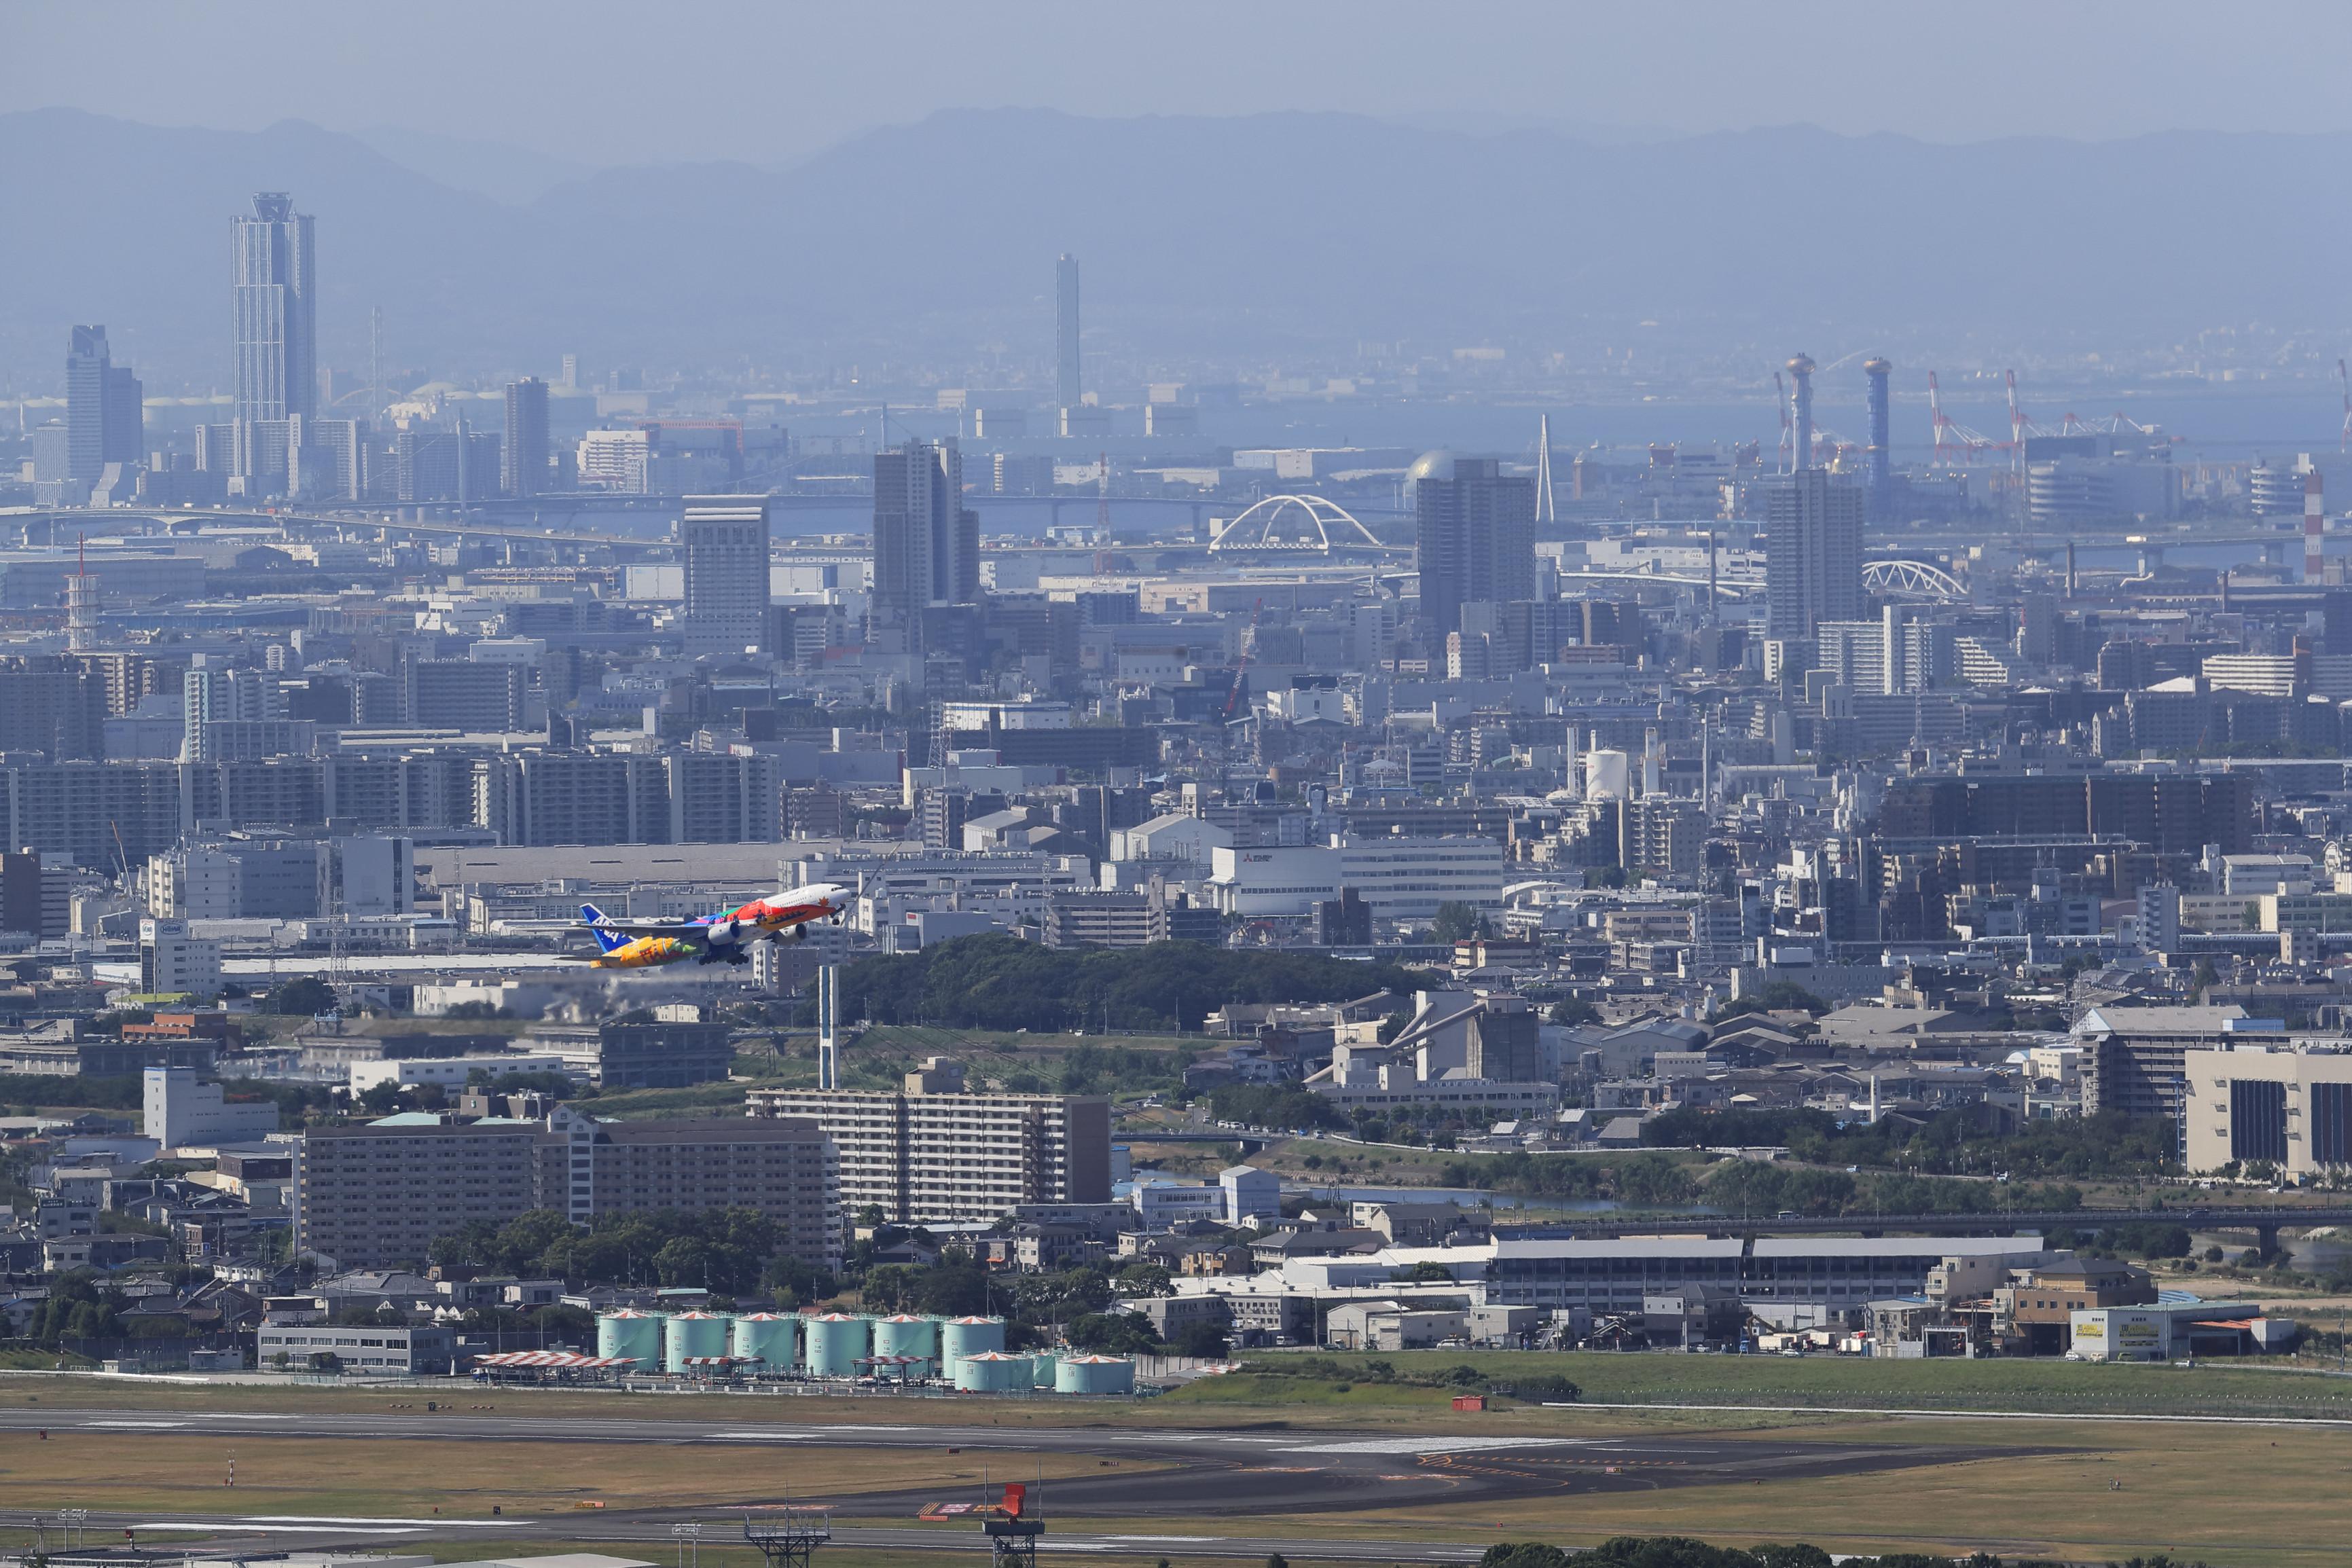 26_中村岳史-日常から非日常へ-大阪府+池田市